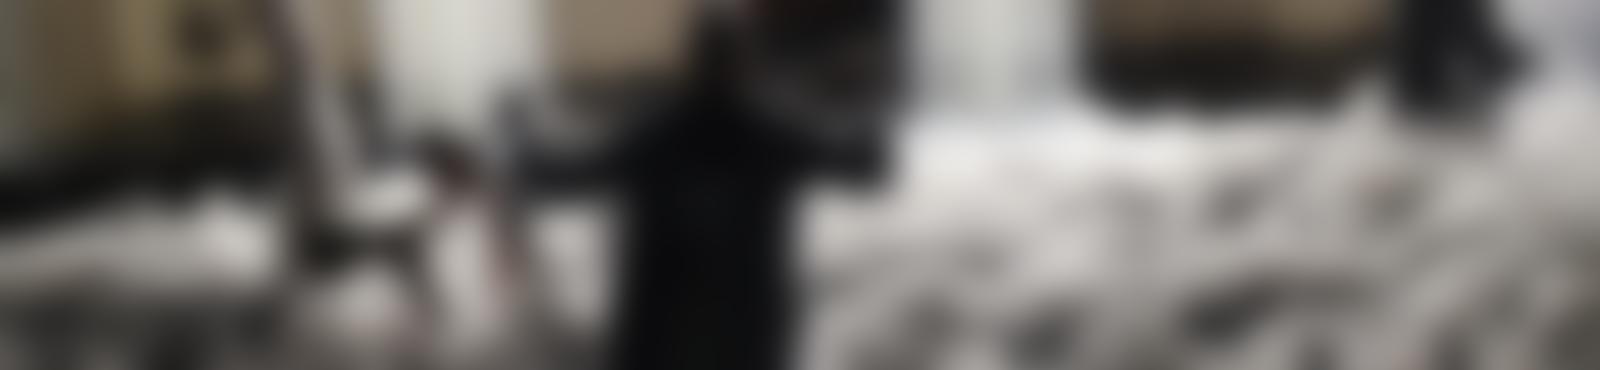 Blurred d128db14 0175 4d3c 9e75 79264bedf148